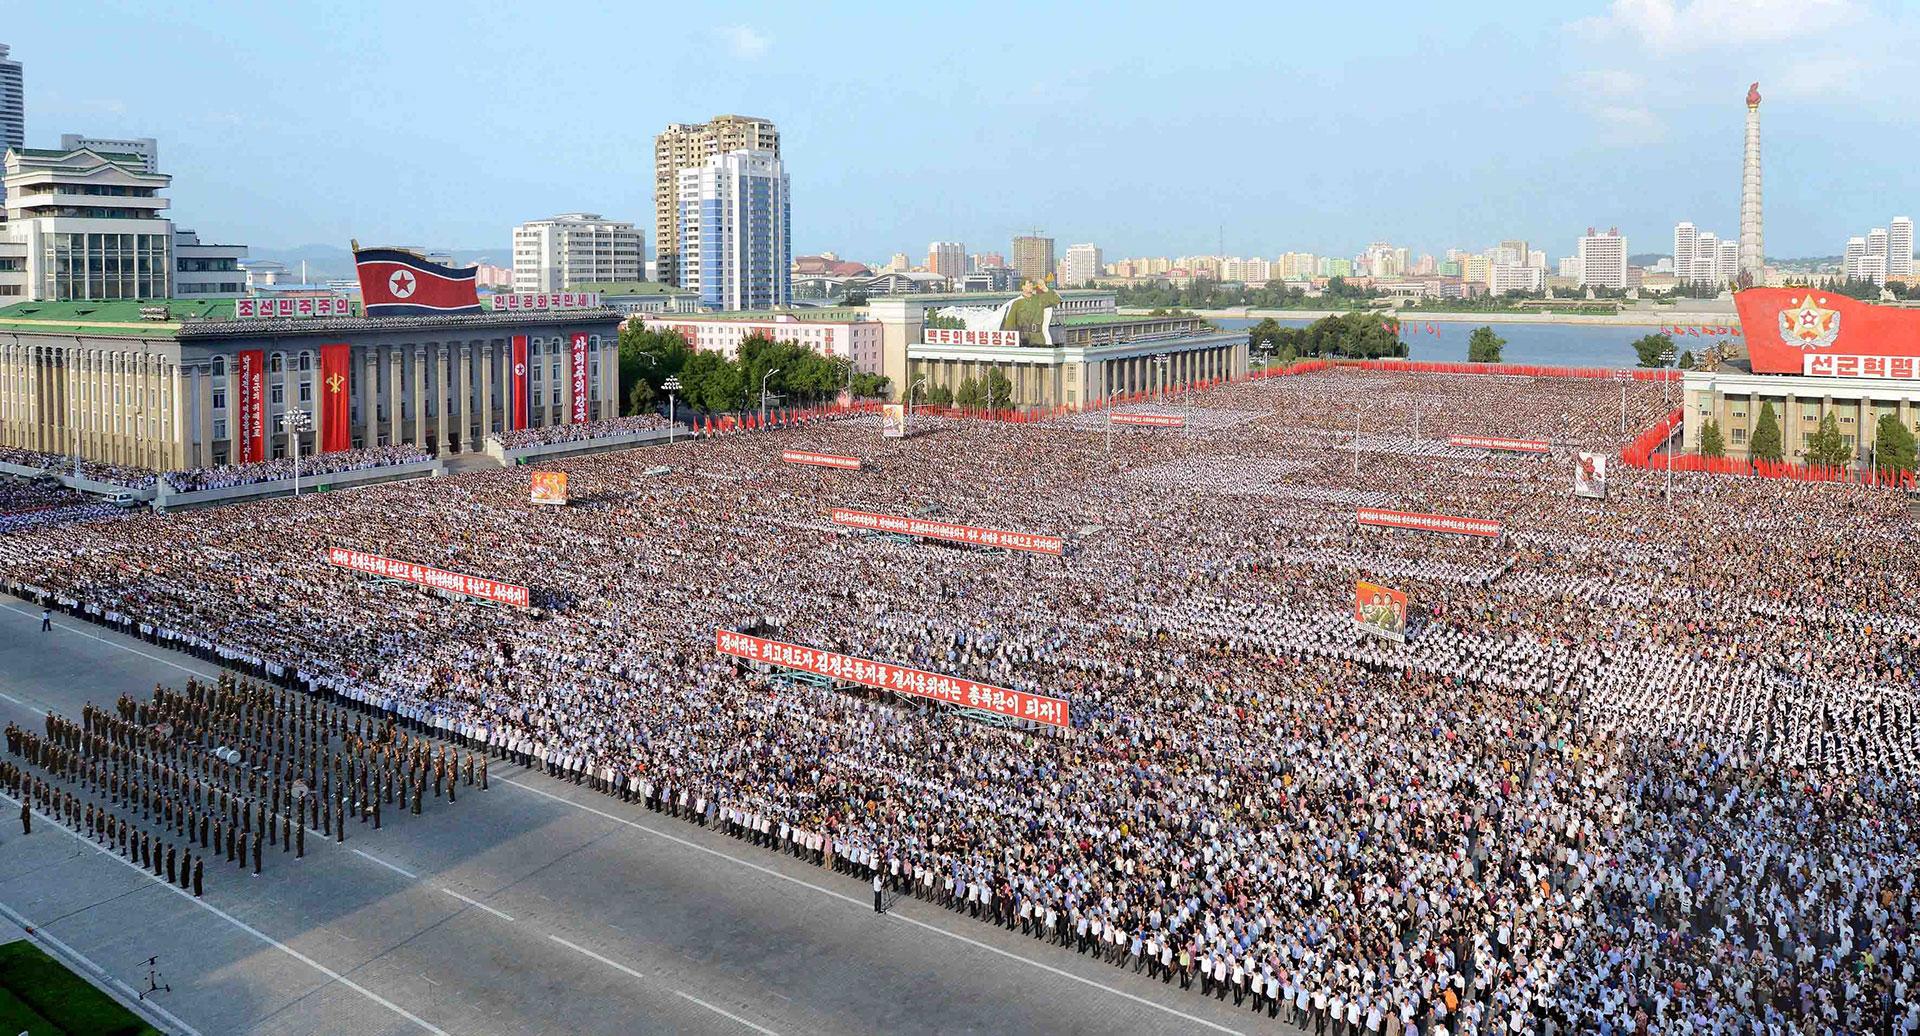 Decenas de miles asistieron al desfile realizado en medios de tensiones extremas con Estados Unidos (Reuters)